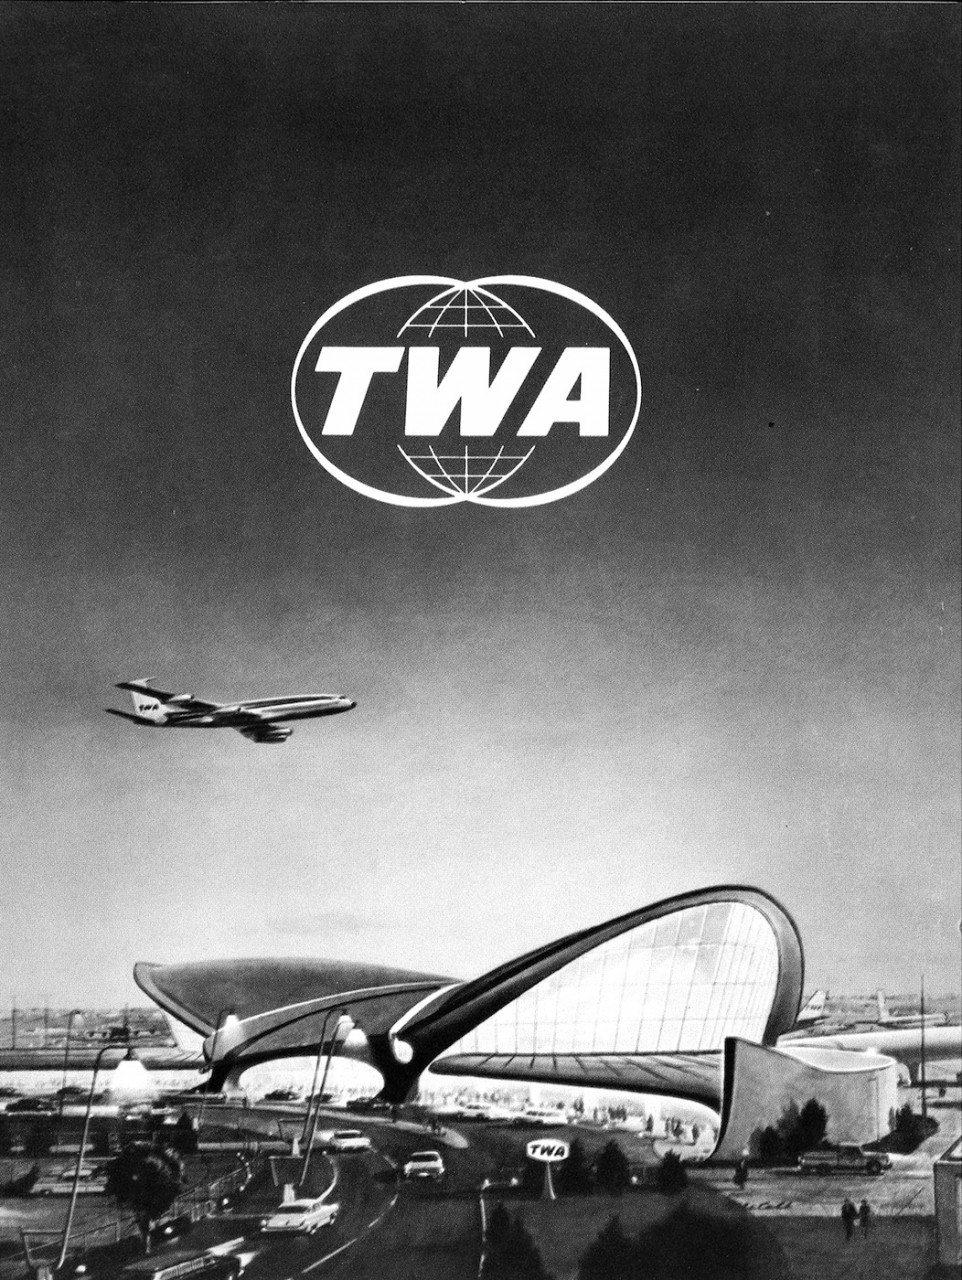 Geschmacksverstärker.  Umschlag für eine Speisekarte, TWA. Ca. 1962. © Illustrator ubk. / Sammlung Kornel Ringli